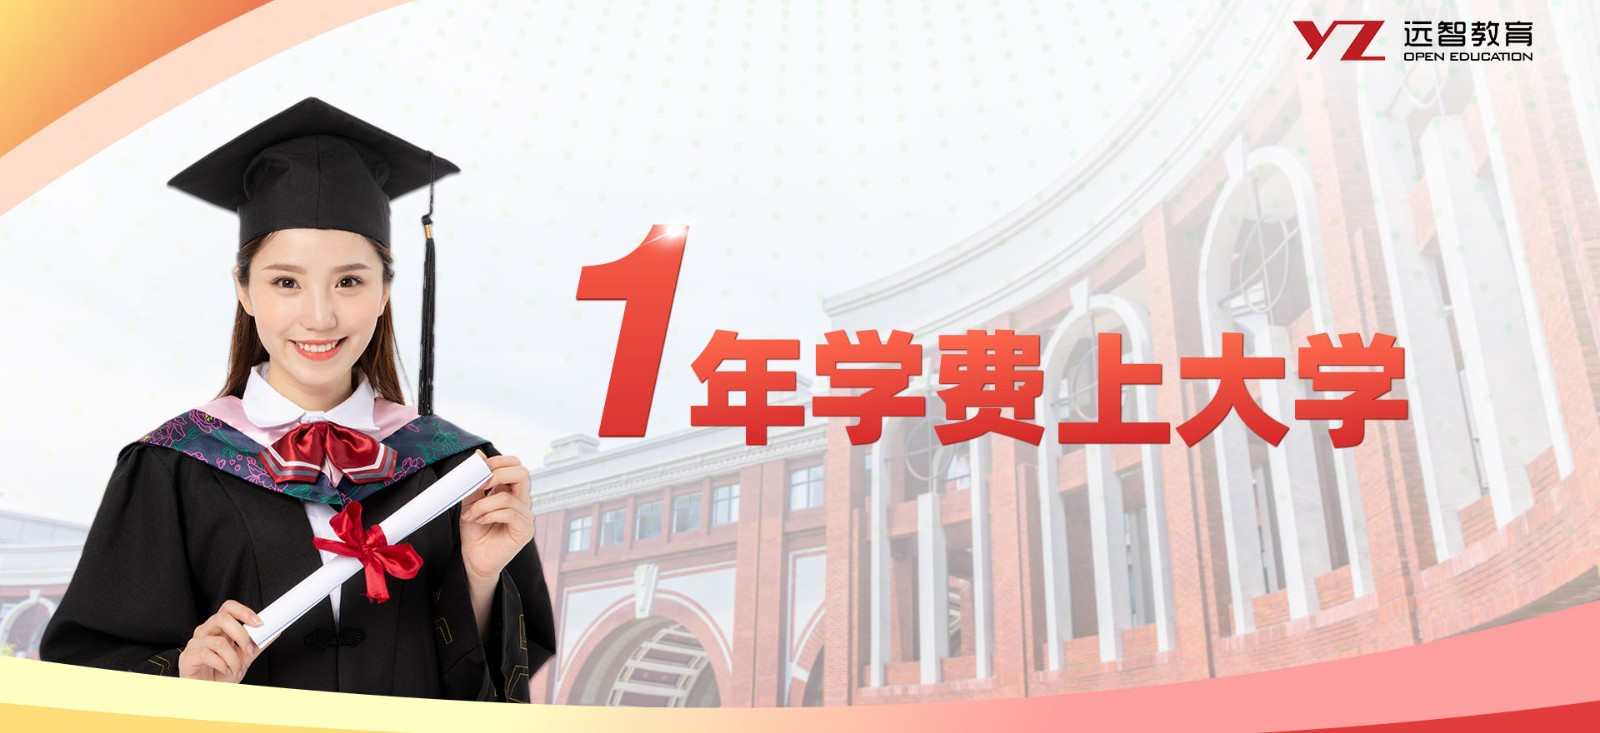 高起专,成人高考,成考,奖学金